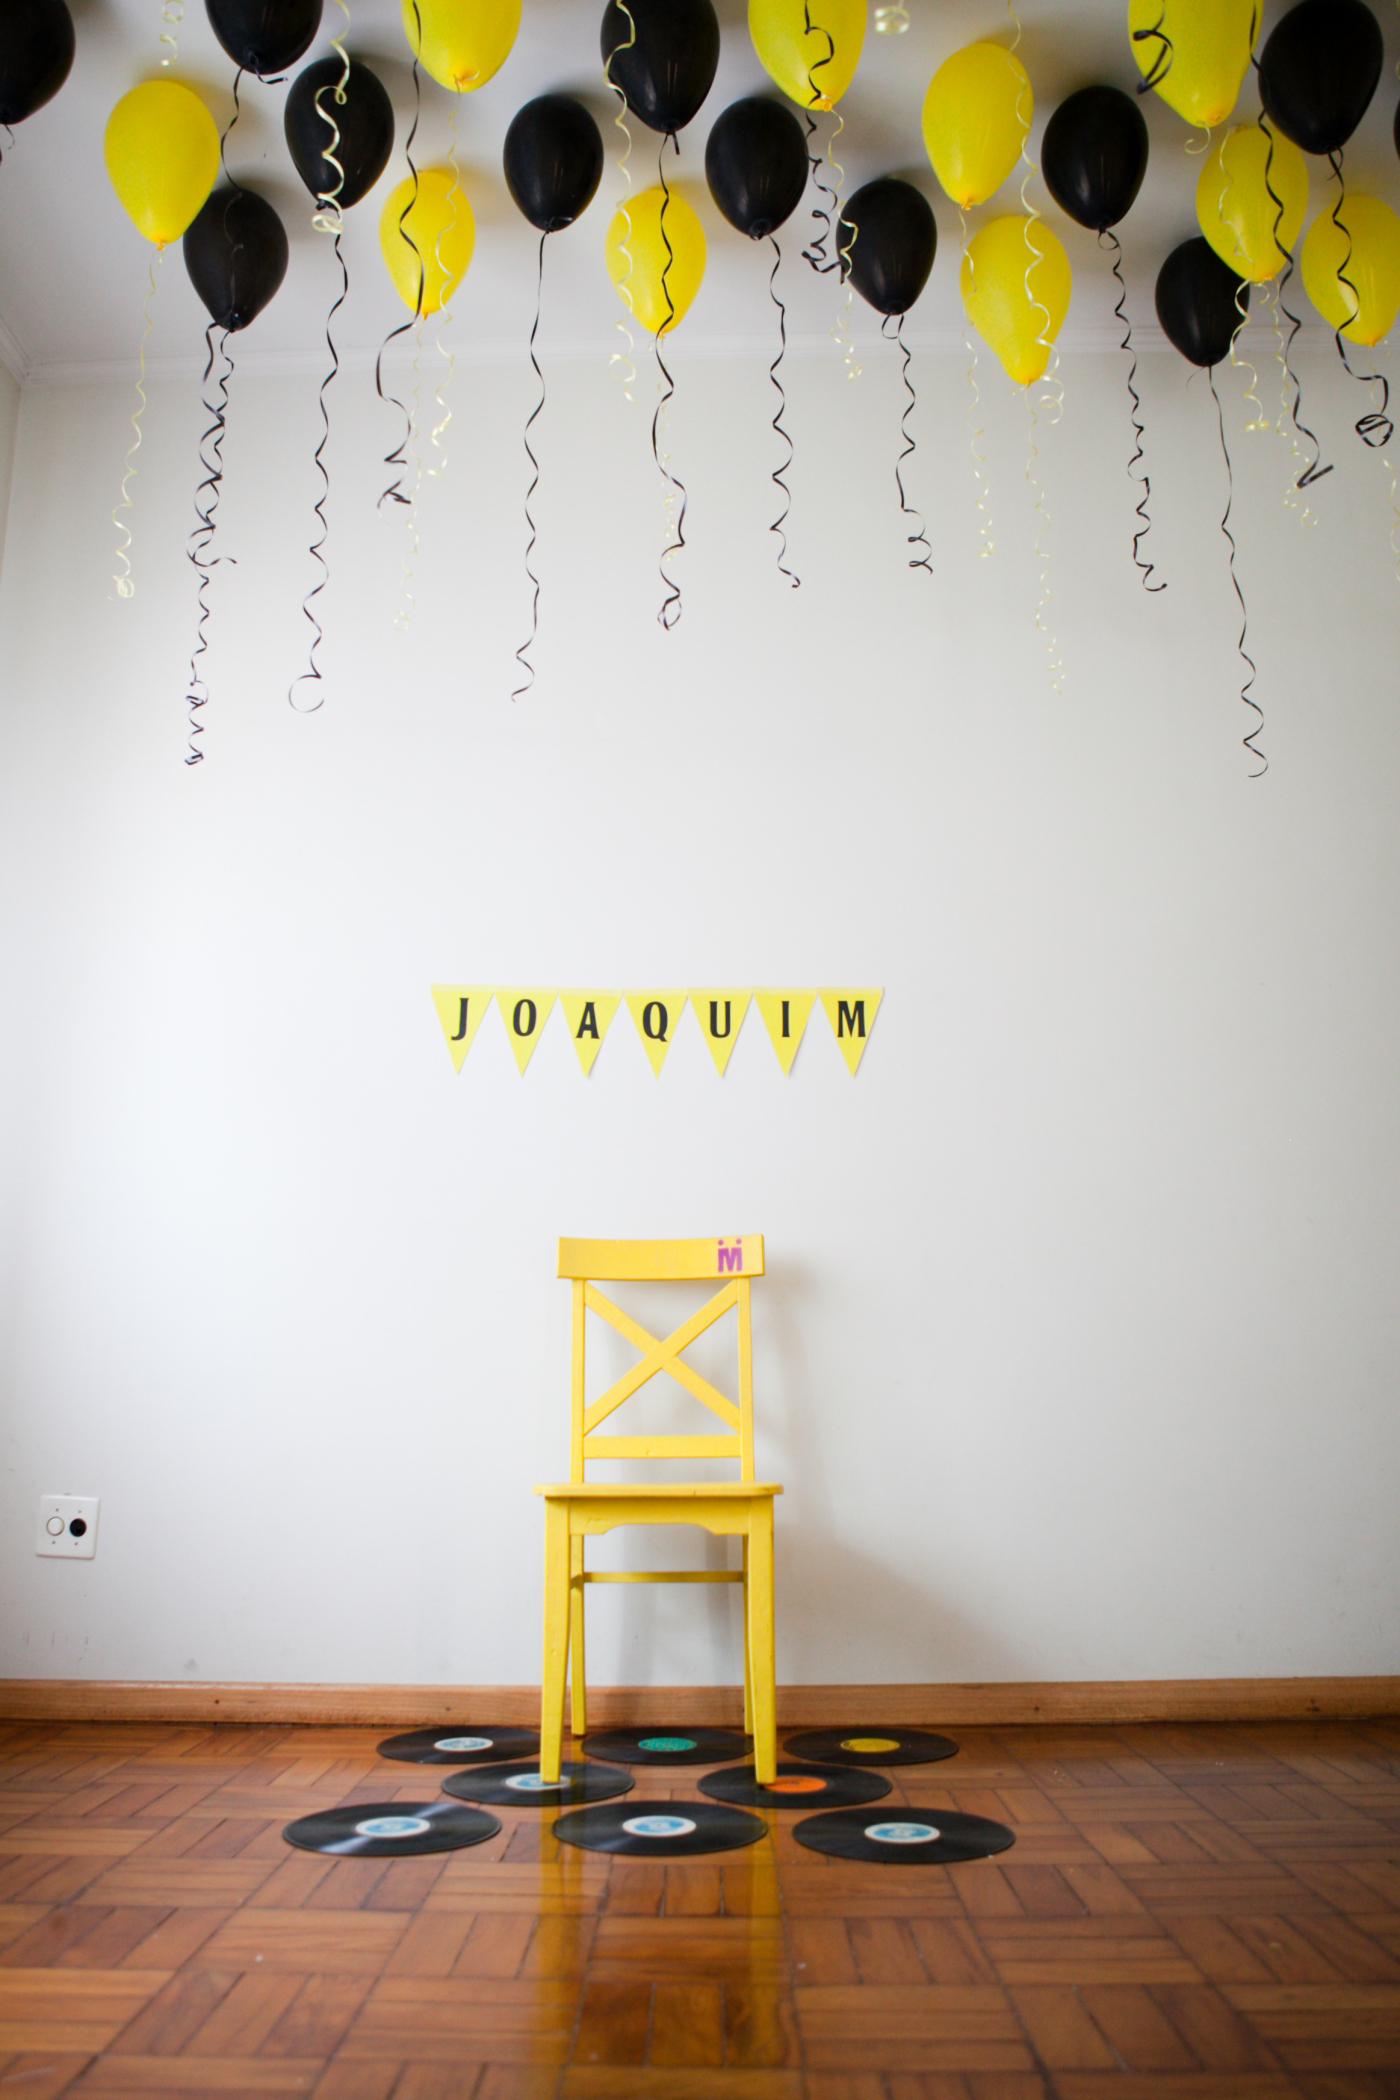 A primeira festinha de aniversário do Joaquim: decoração e alegria!